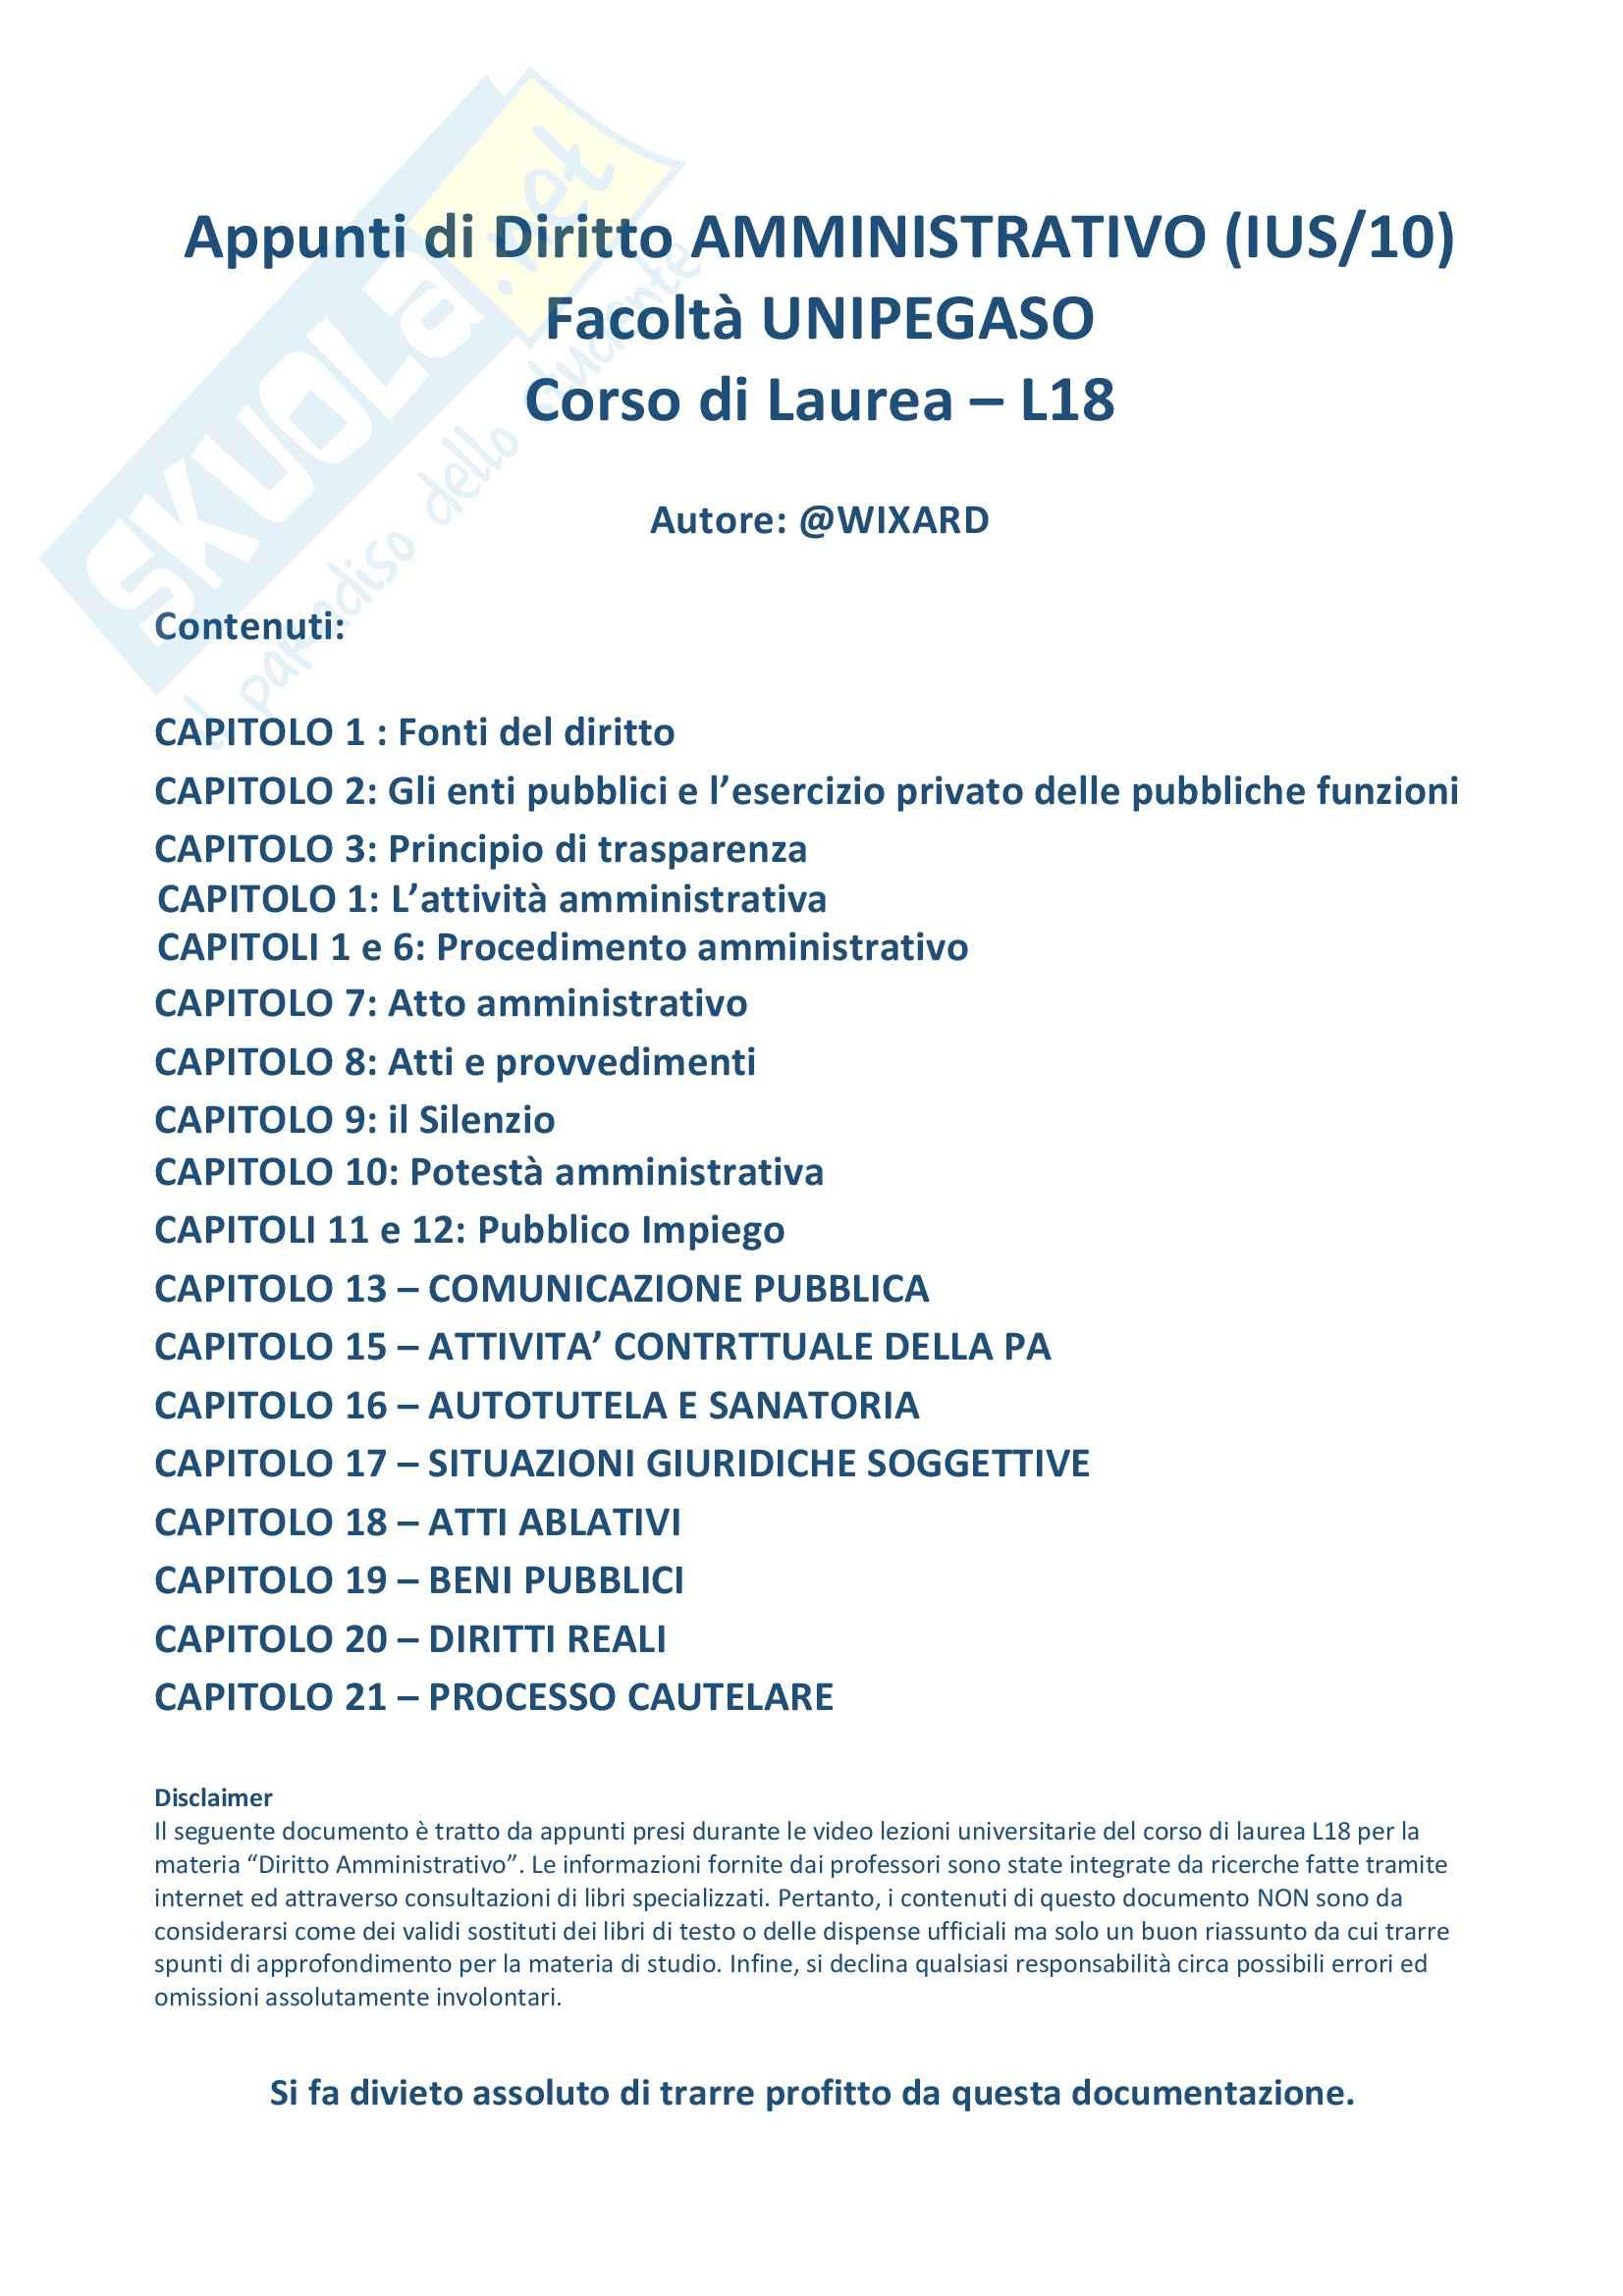 Riassunto di Diritto Amministrativo L18 Unipeg